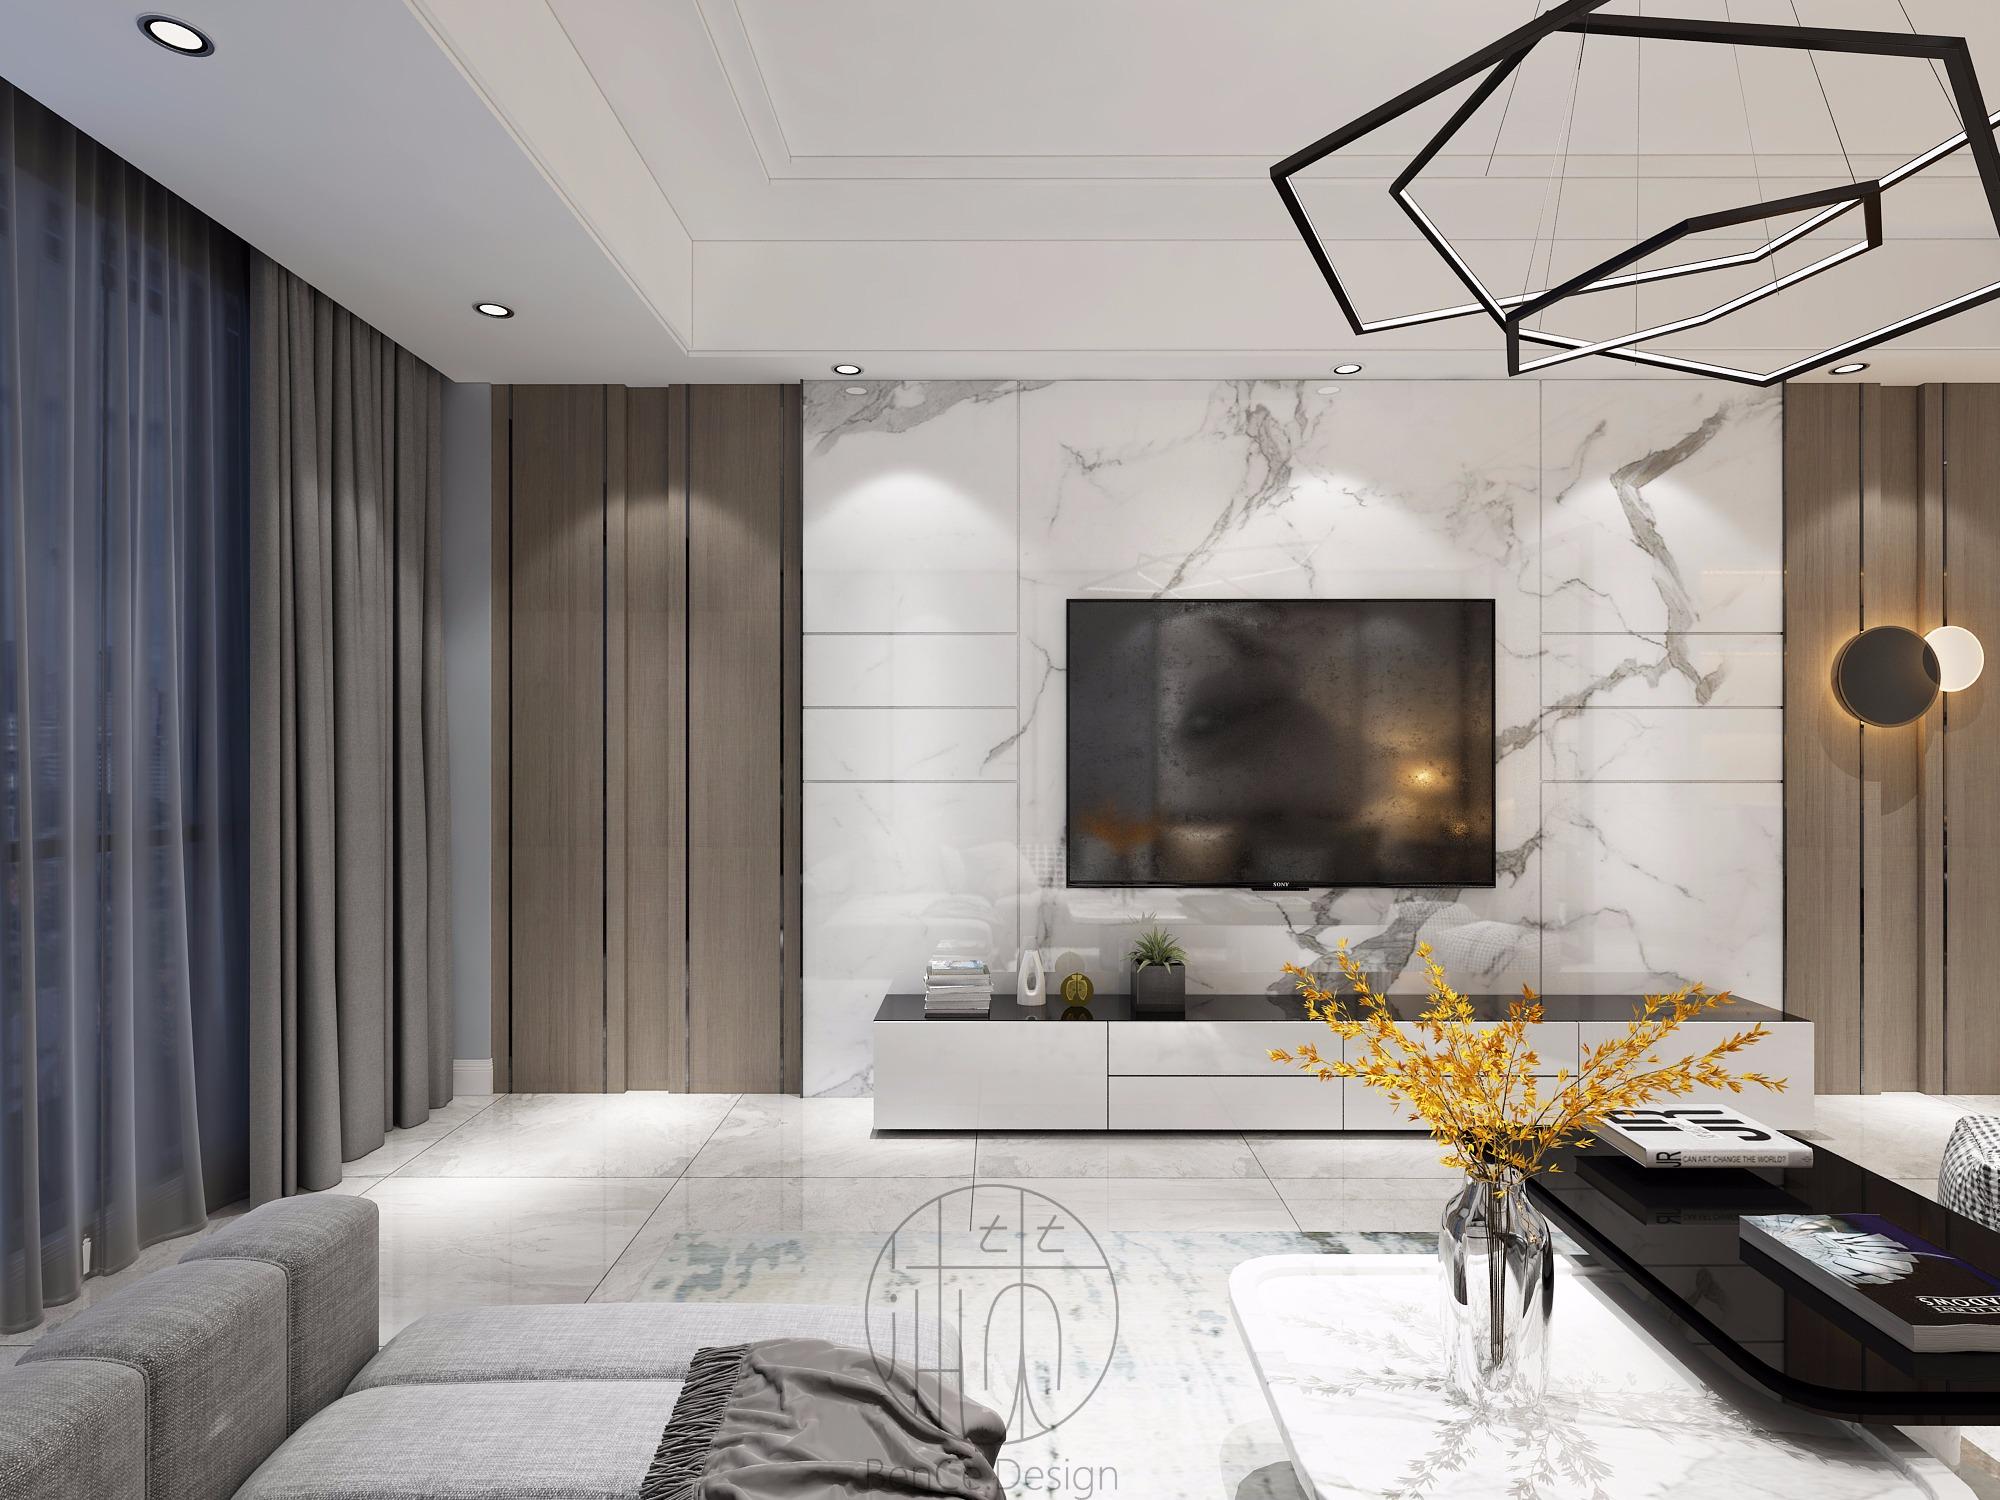 现代简约设计<hl>家装</hl>设计效果图设计室内设计